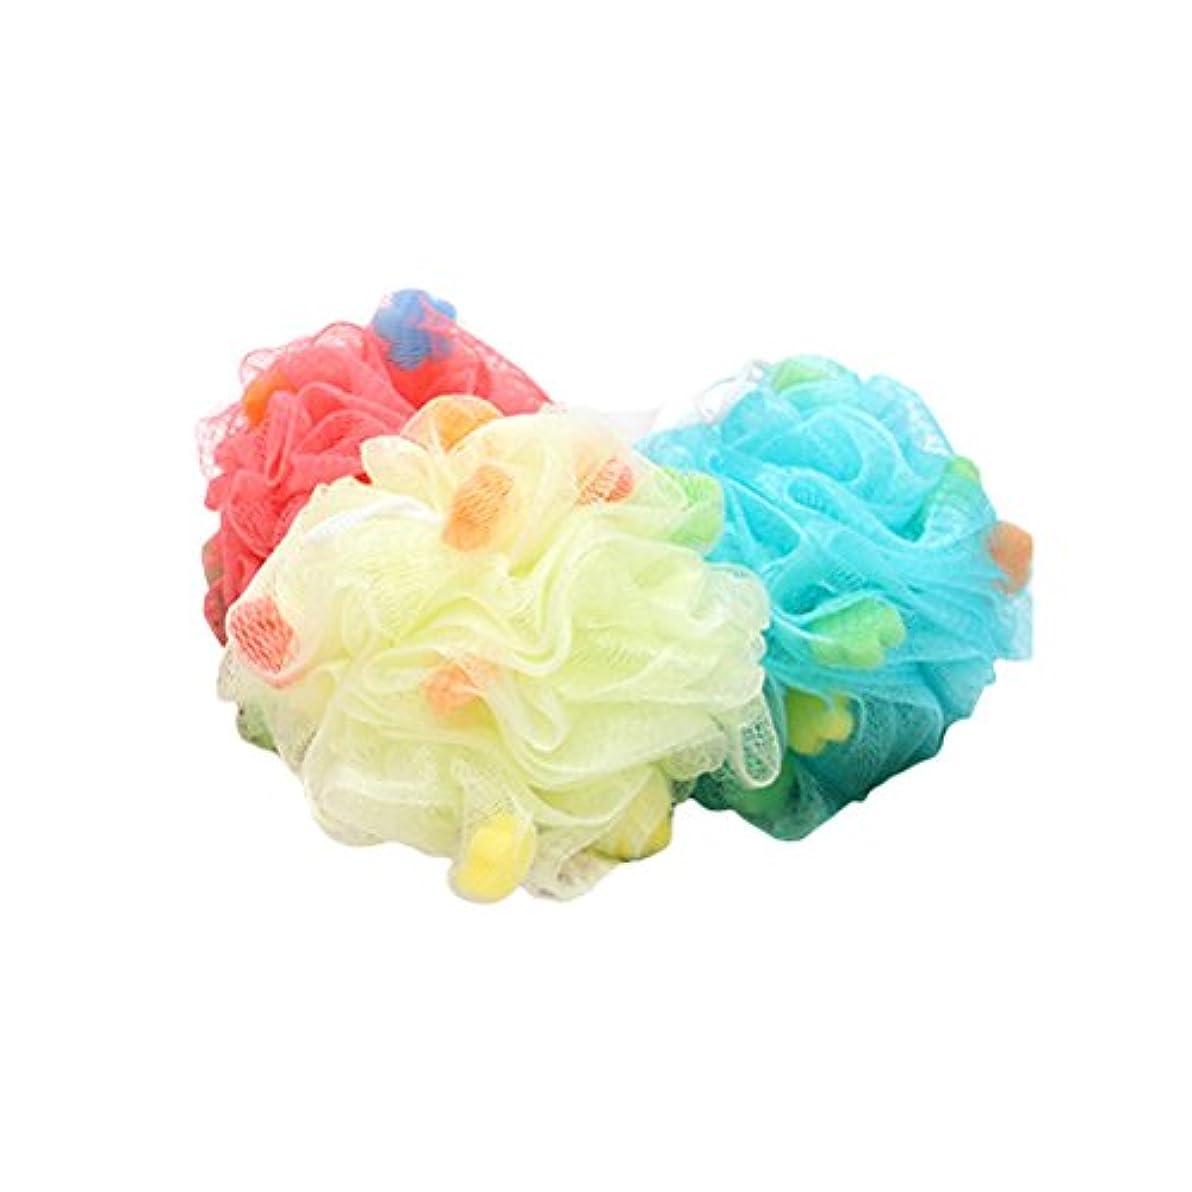 軽食タブレット絞るHealifty ボディースポンジ 泡立てネット フラワーボール シャワー用 バス用品 背中も洗える メッシュ ボディ洗い 泡肌美人(ランダム色)3個